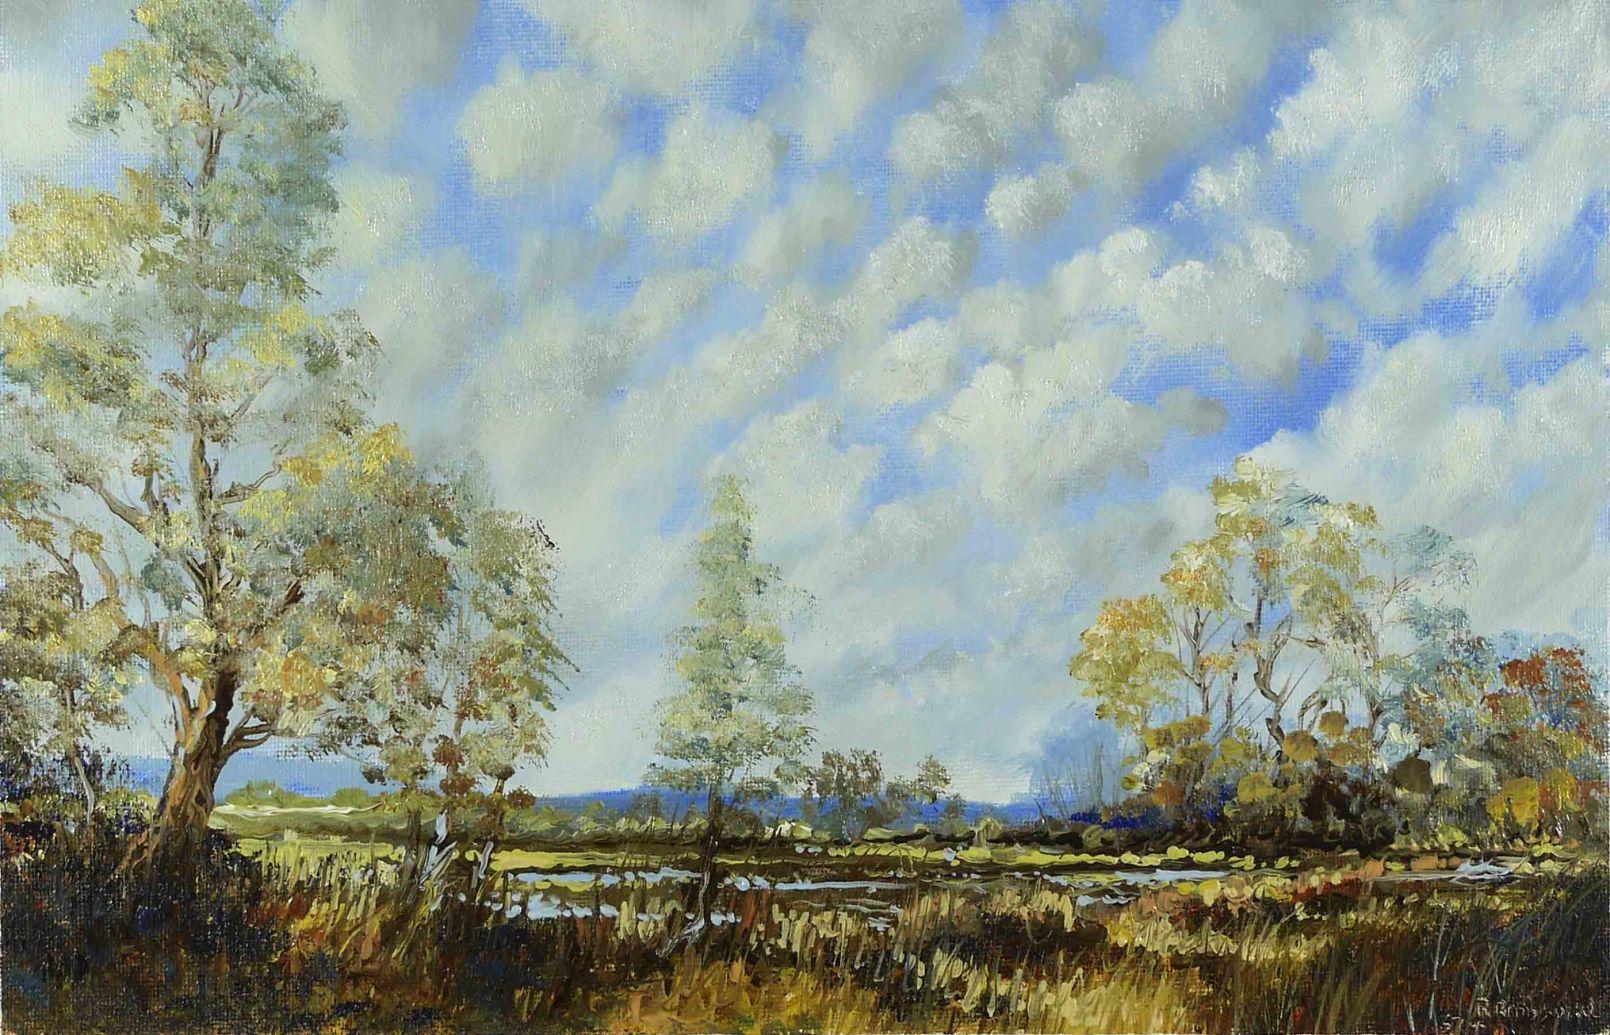 Dessin et peinture vid o 1119 couleurs d 39 t dans un paysage peintur - Les couleurs de l ete ...